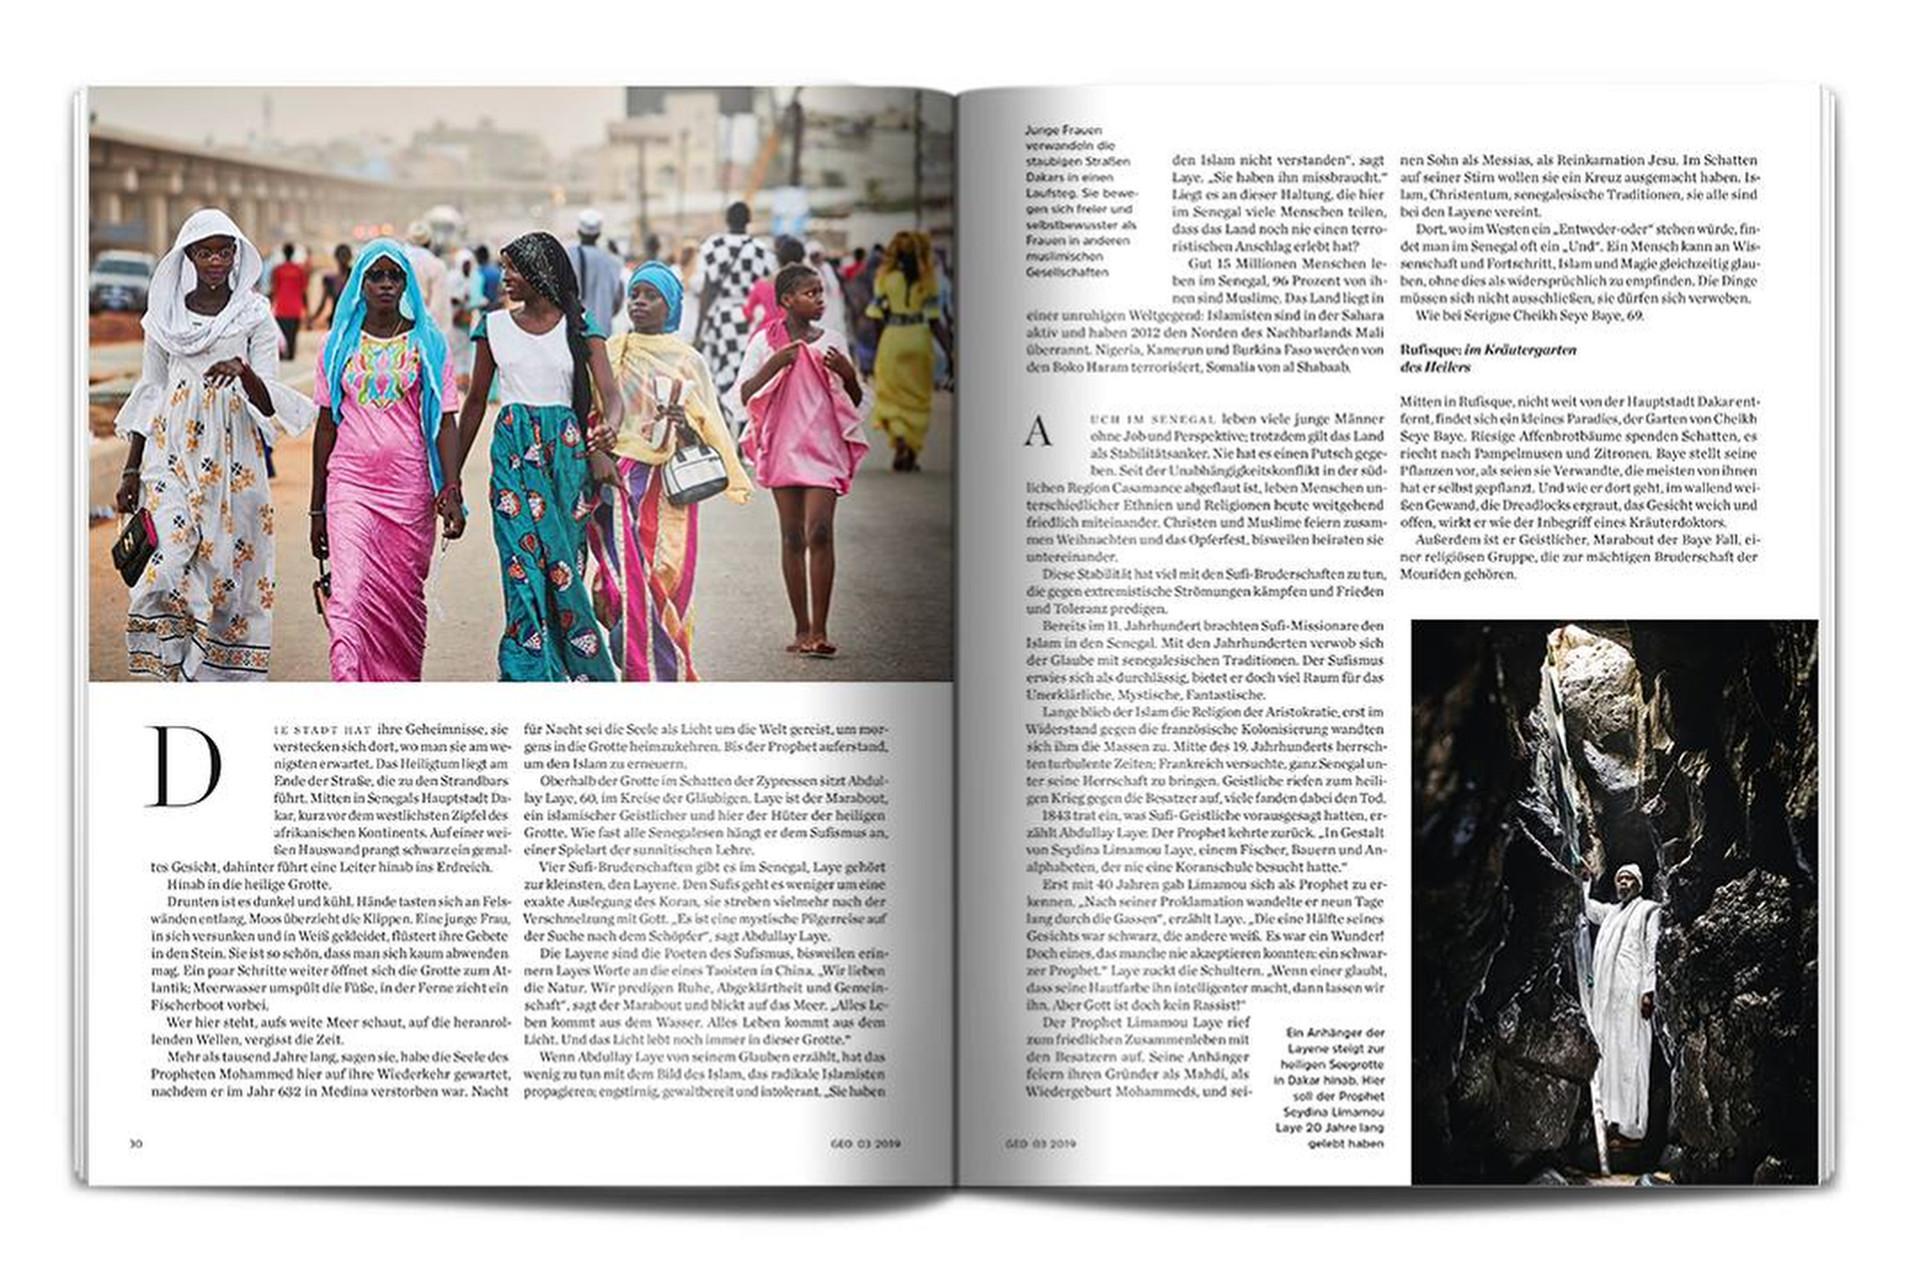 005_Sufism_Senegal.JPG